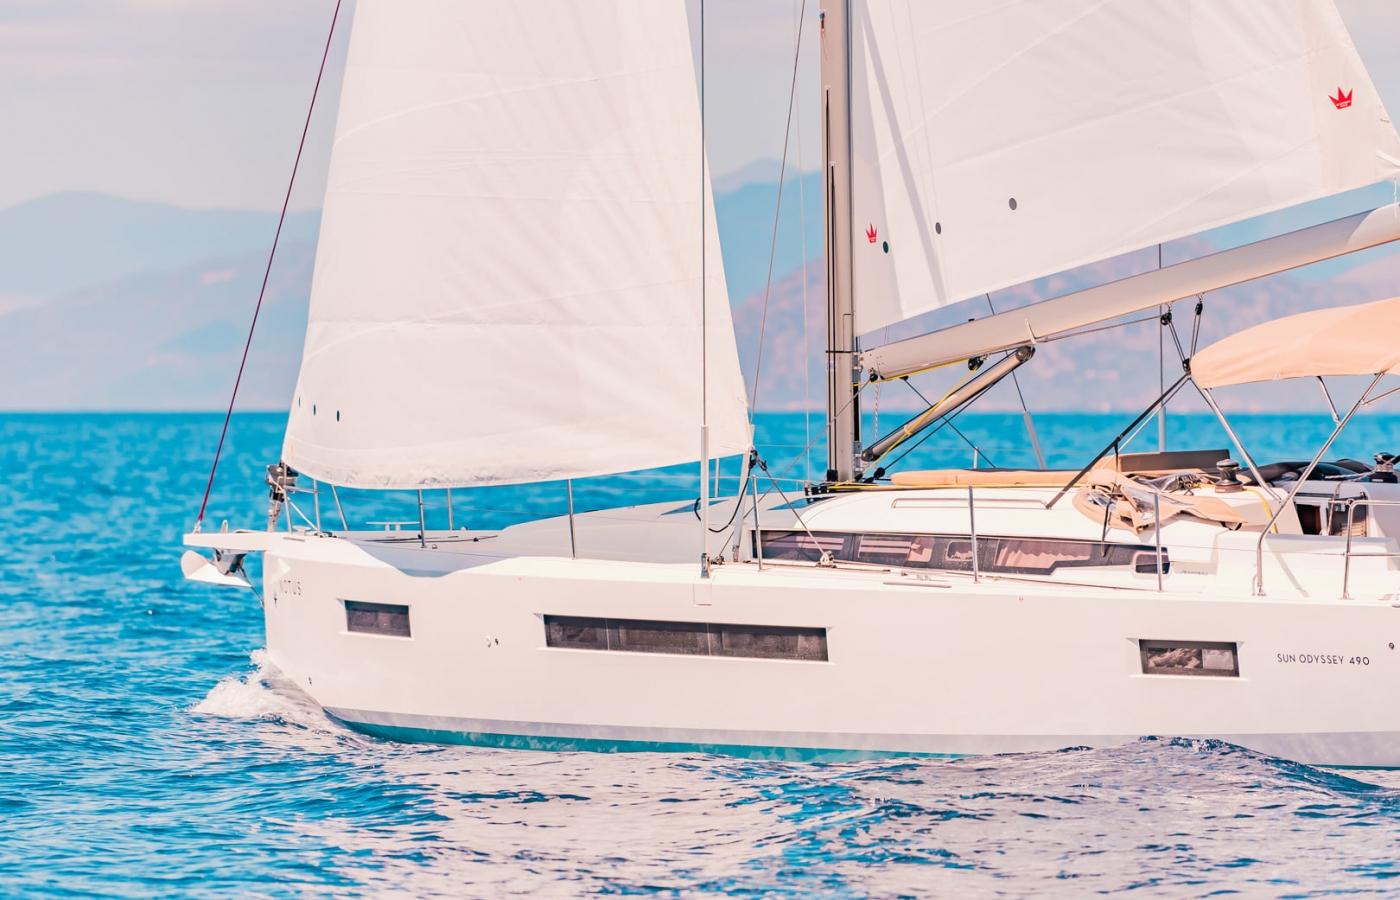 Jeanneau Sun Odyssey 490 - Lavrio